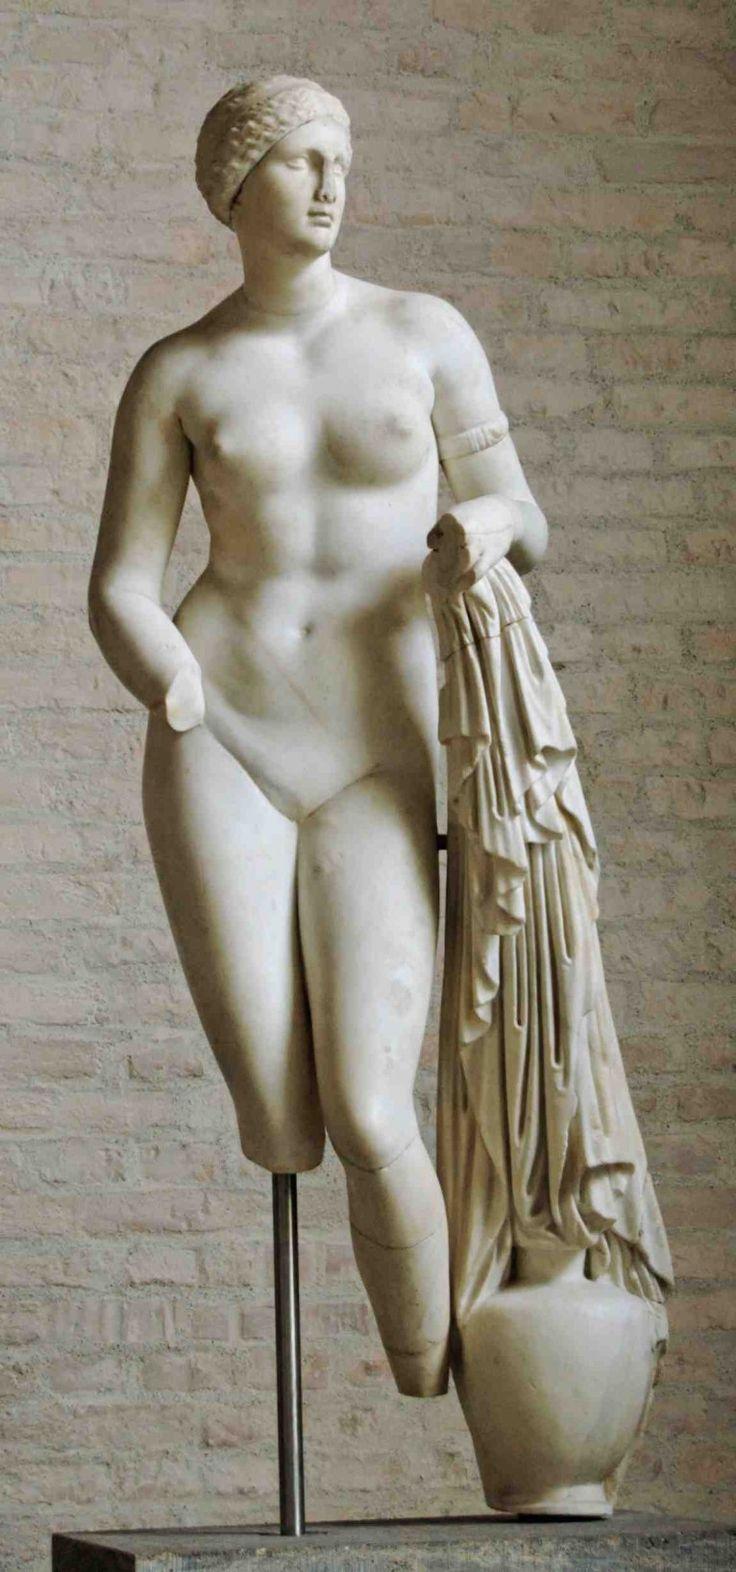 La sculpture grecque antique – Histoire des Arts en Khâgne